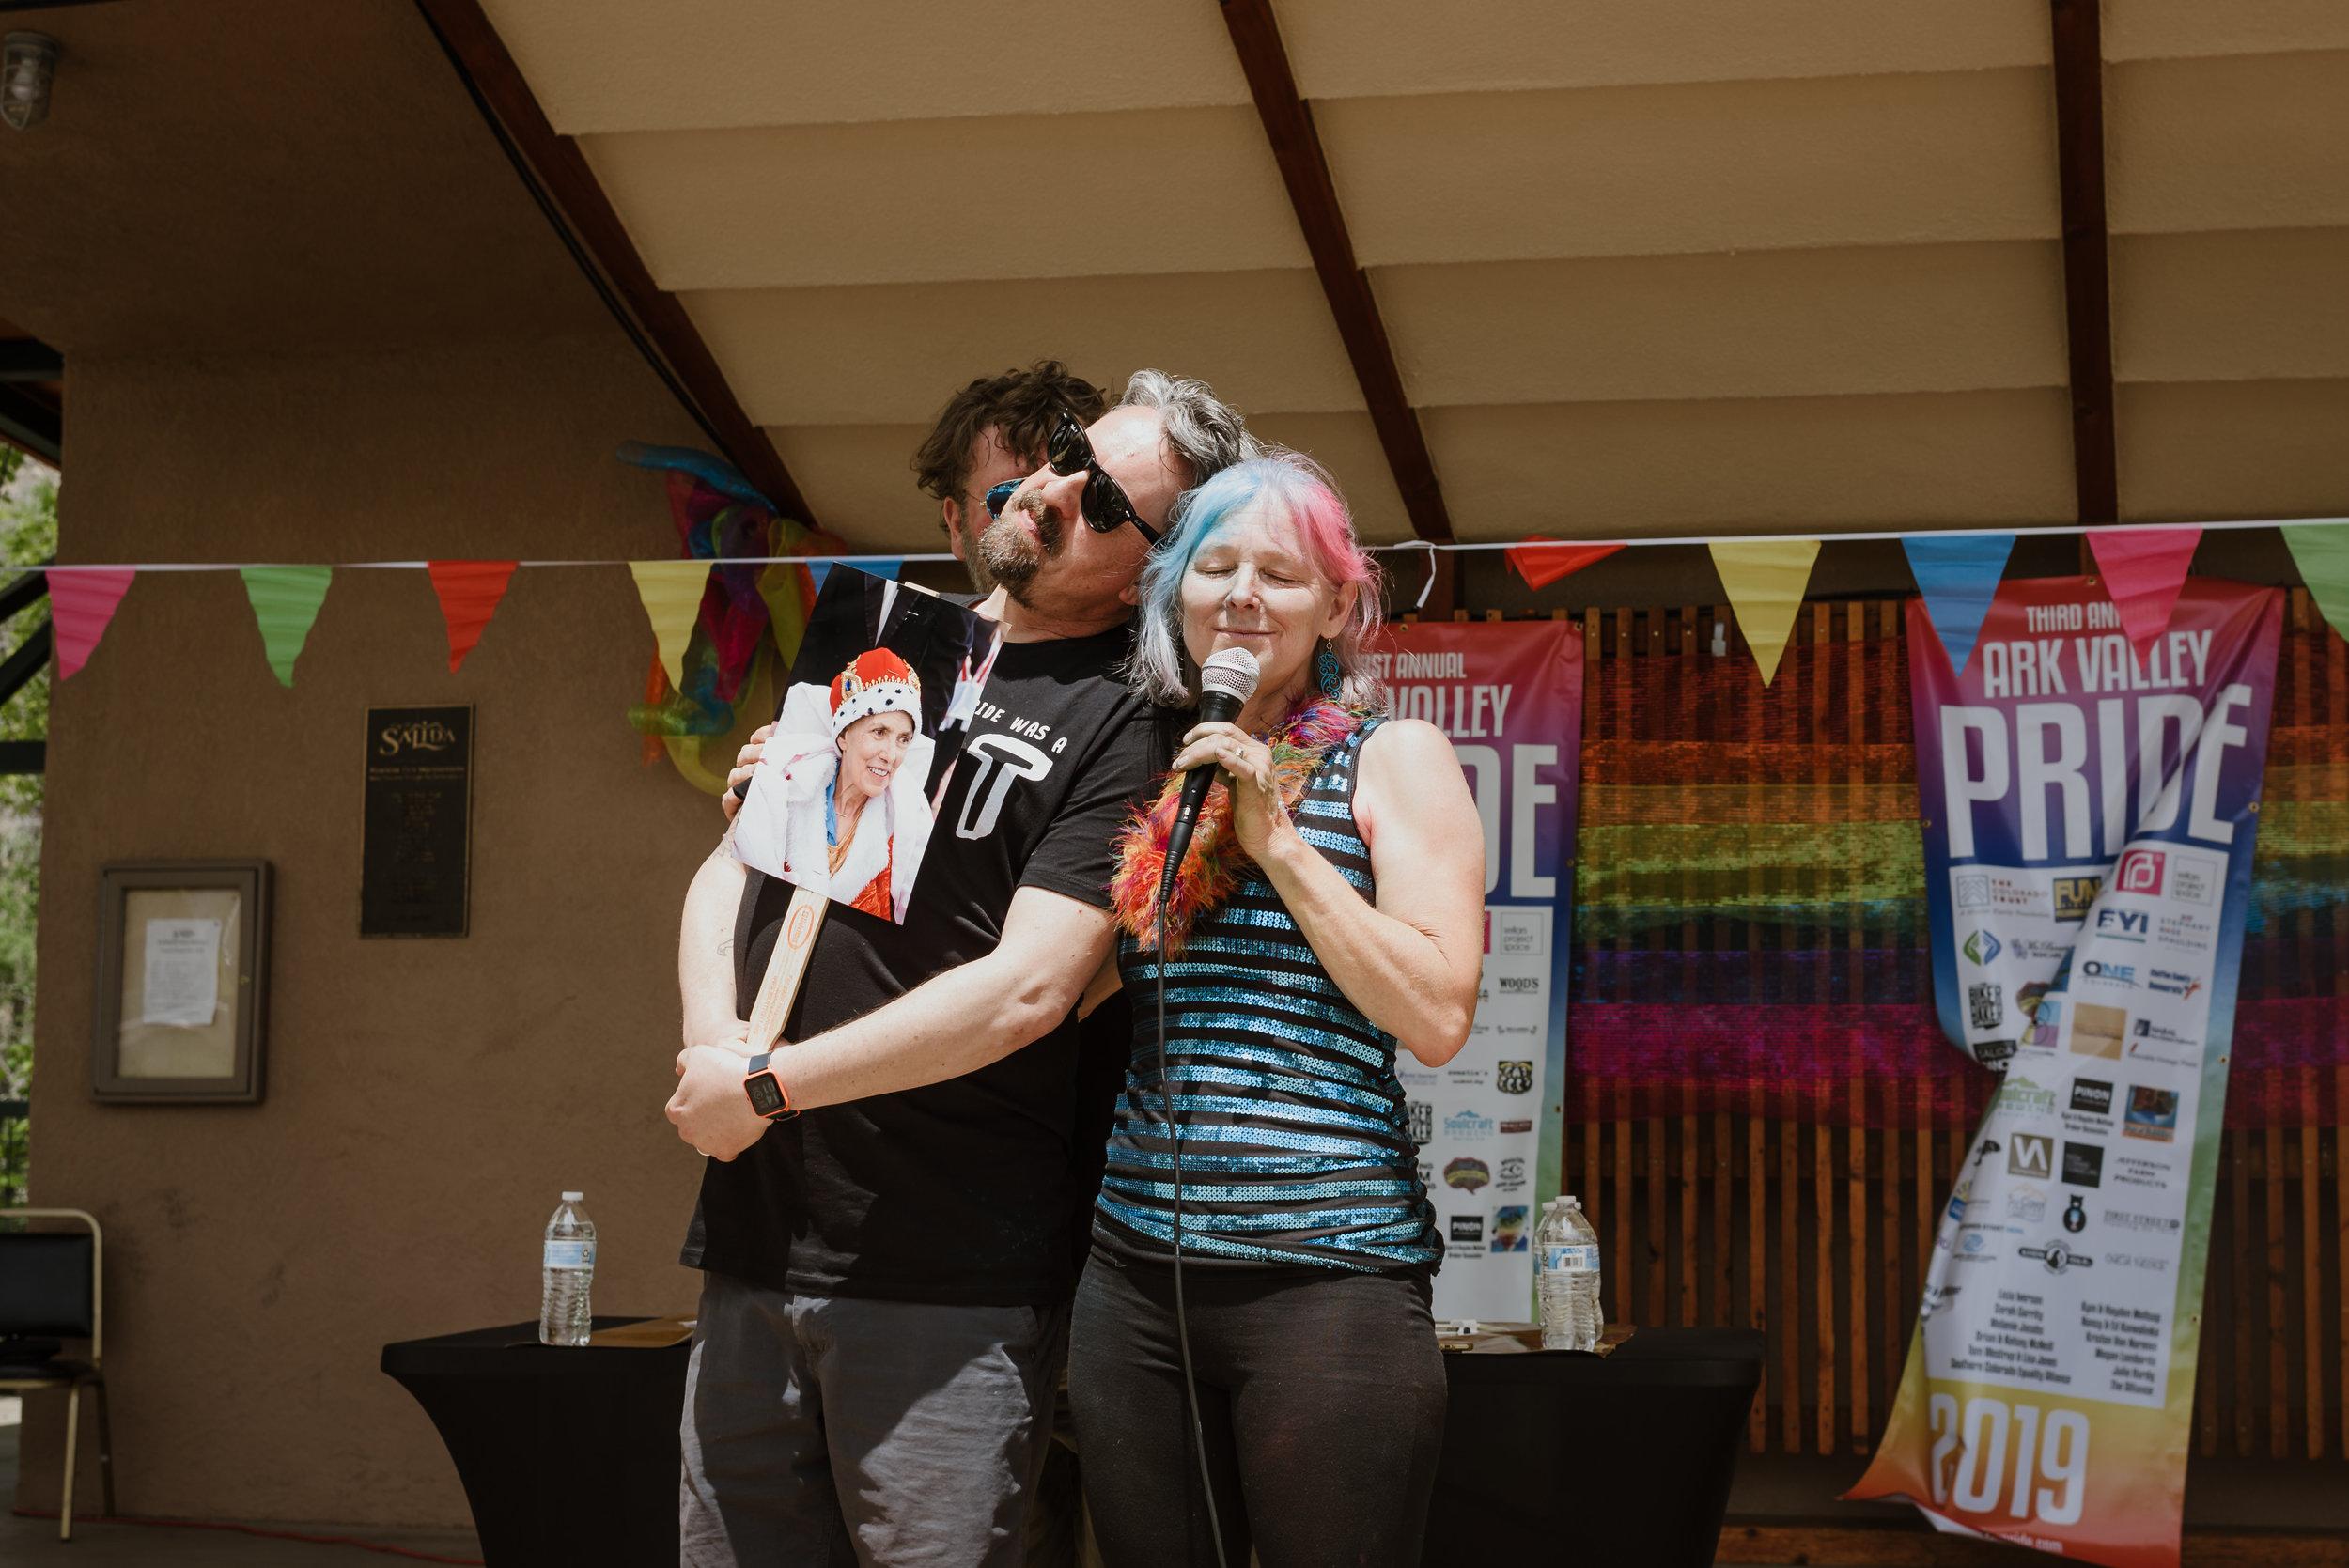 Pride-201.jpg